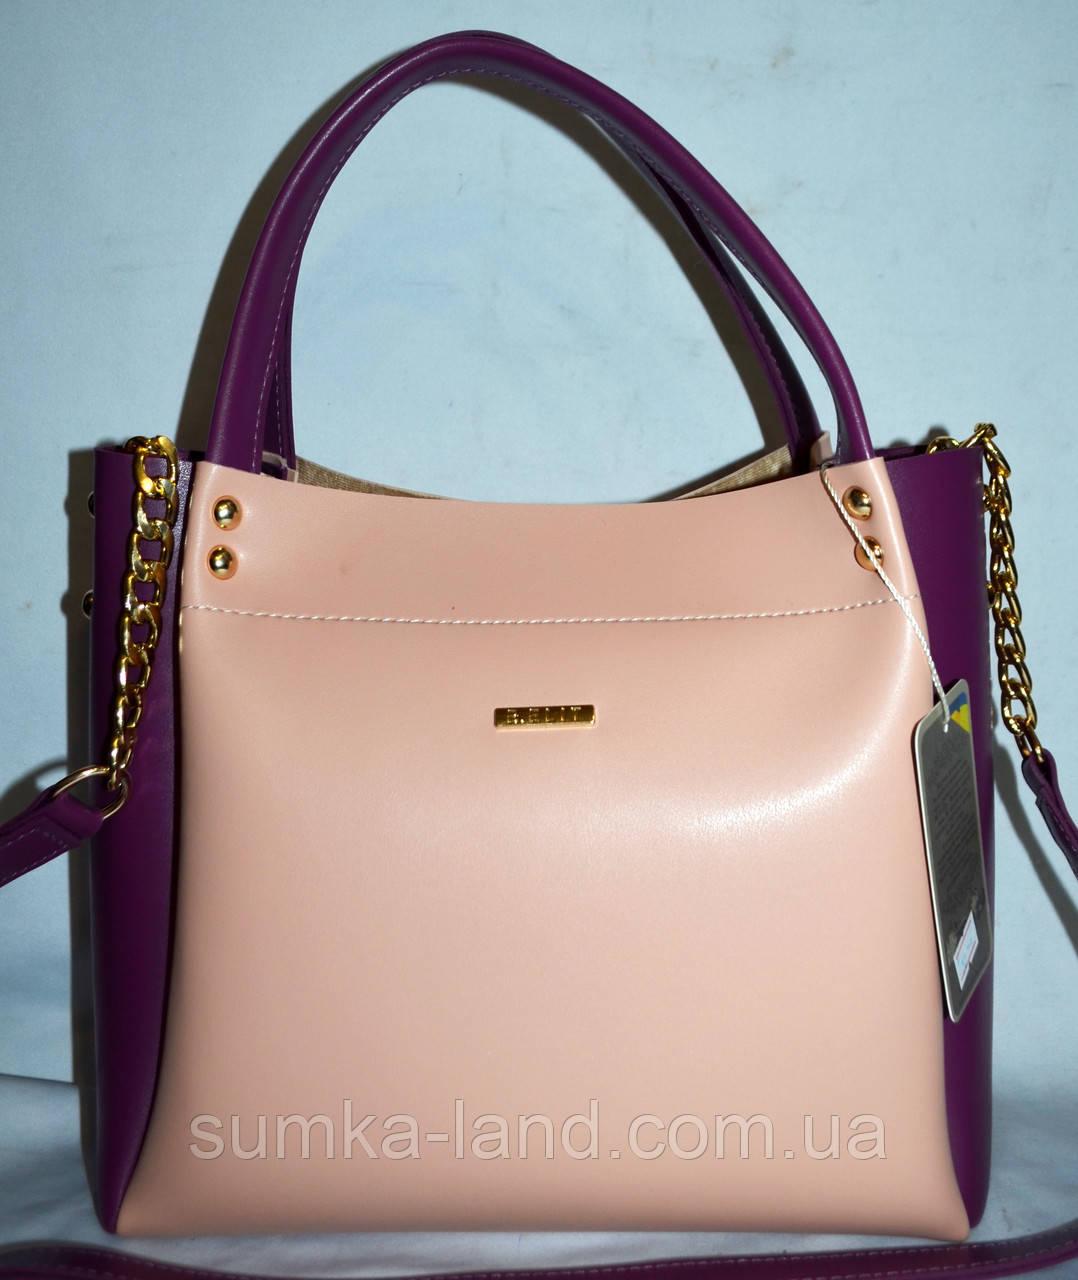 c3101b4a1243 Женская элитная пудровая сумка B Elit с фиолетовыми вставками с ремешком на  цепочке 26 23